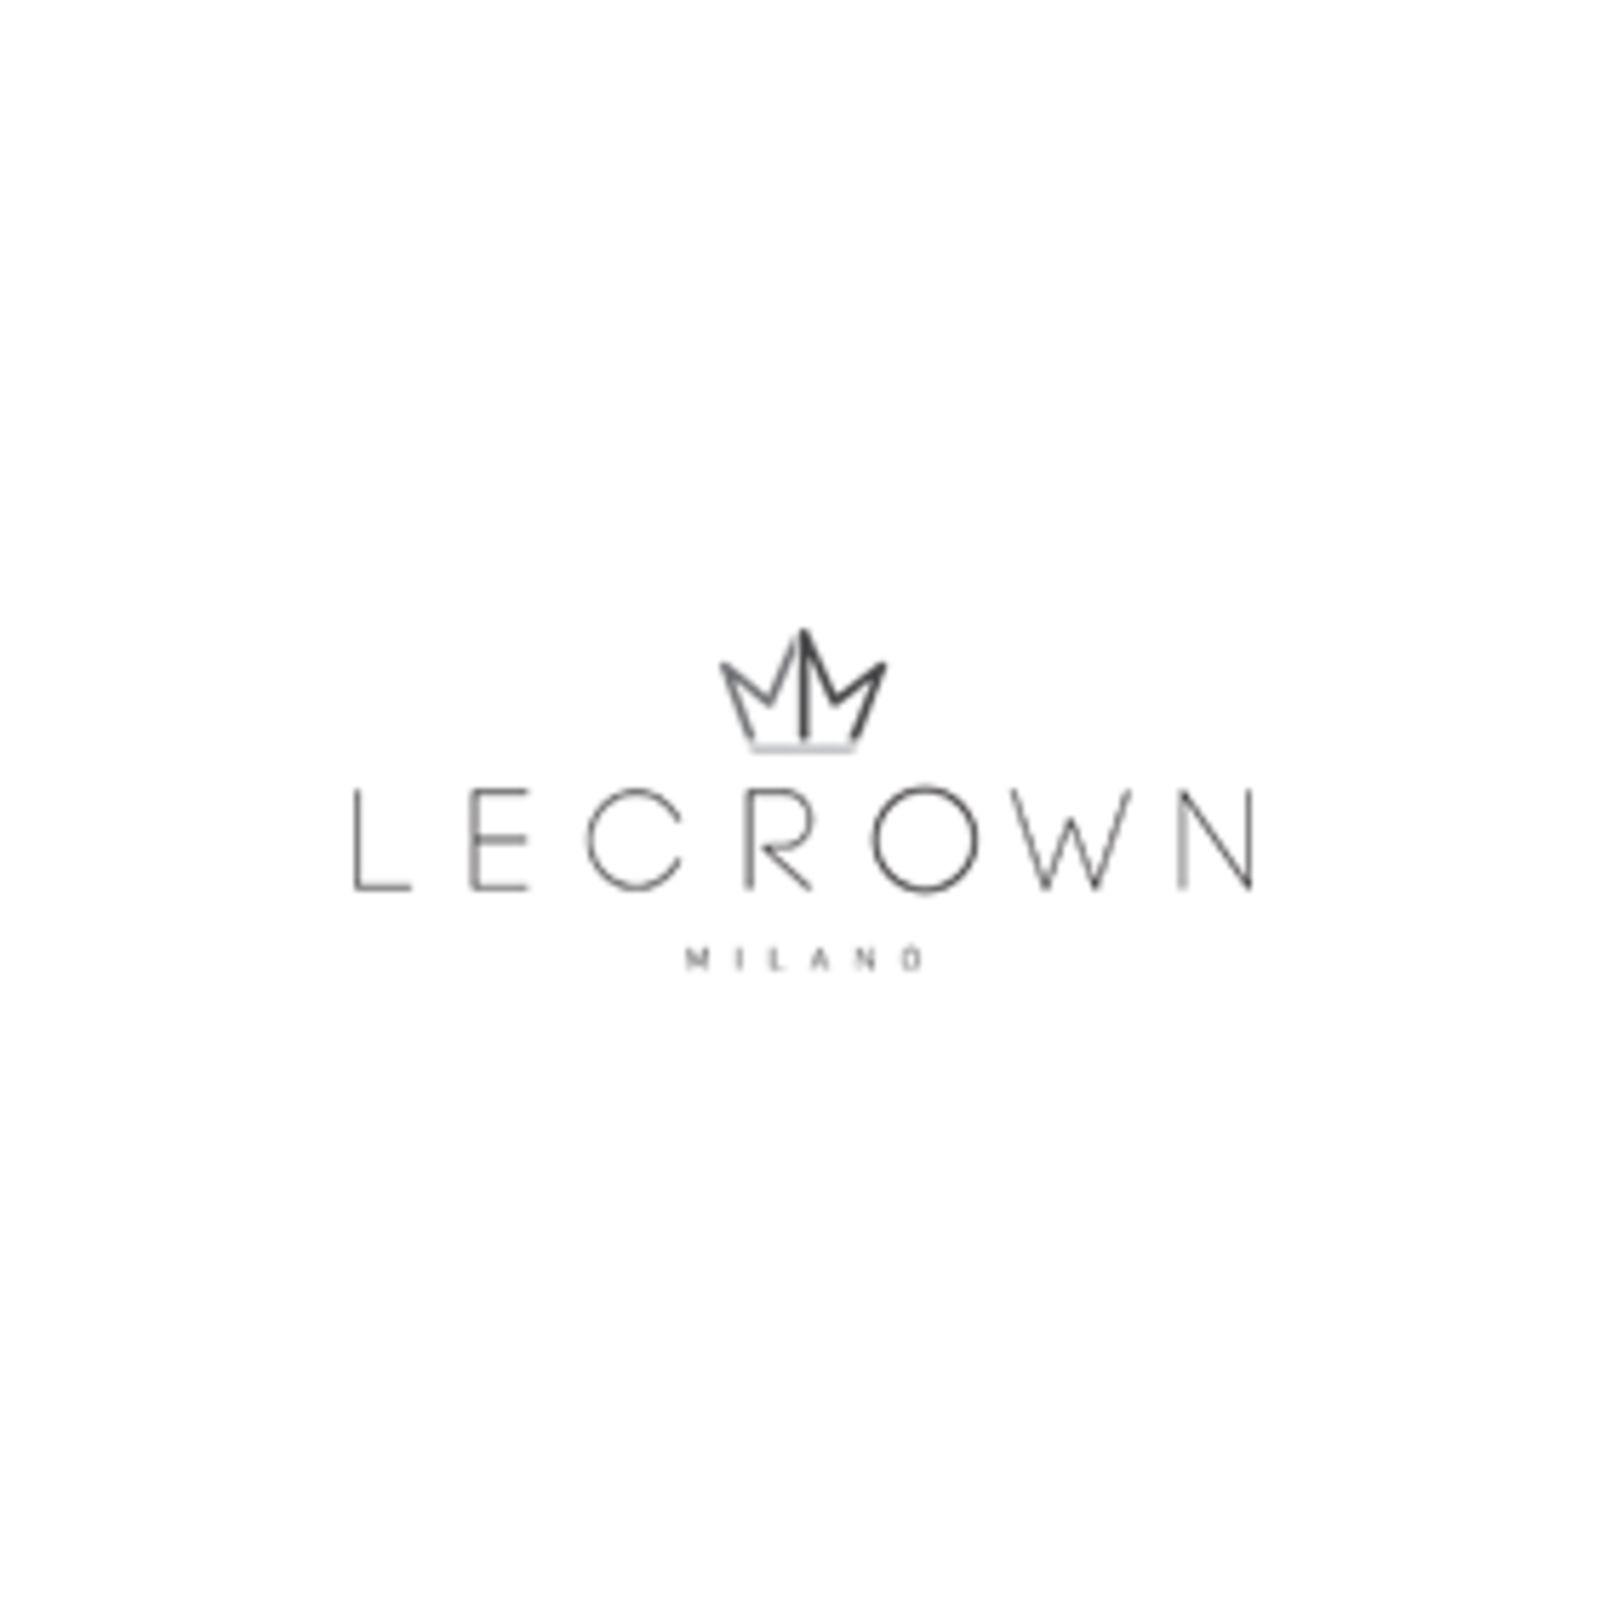 LE CROWN